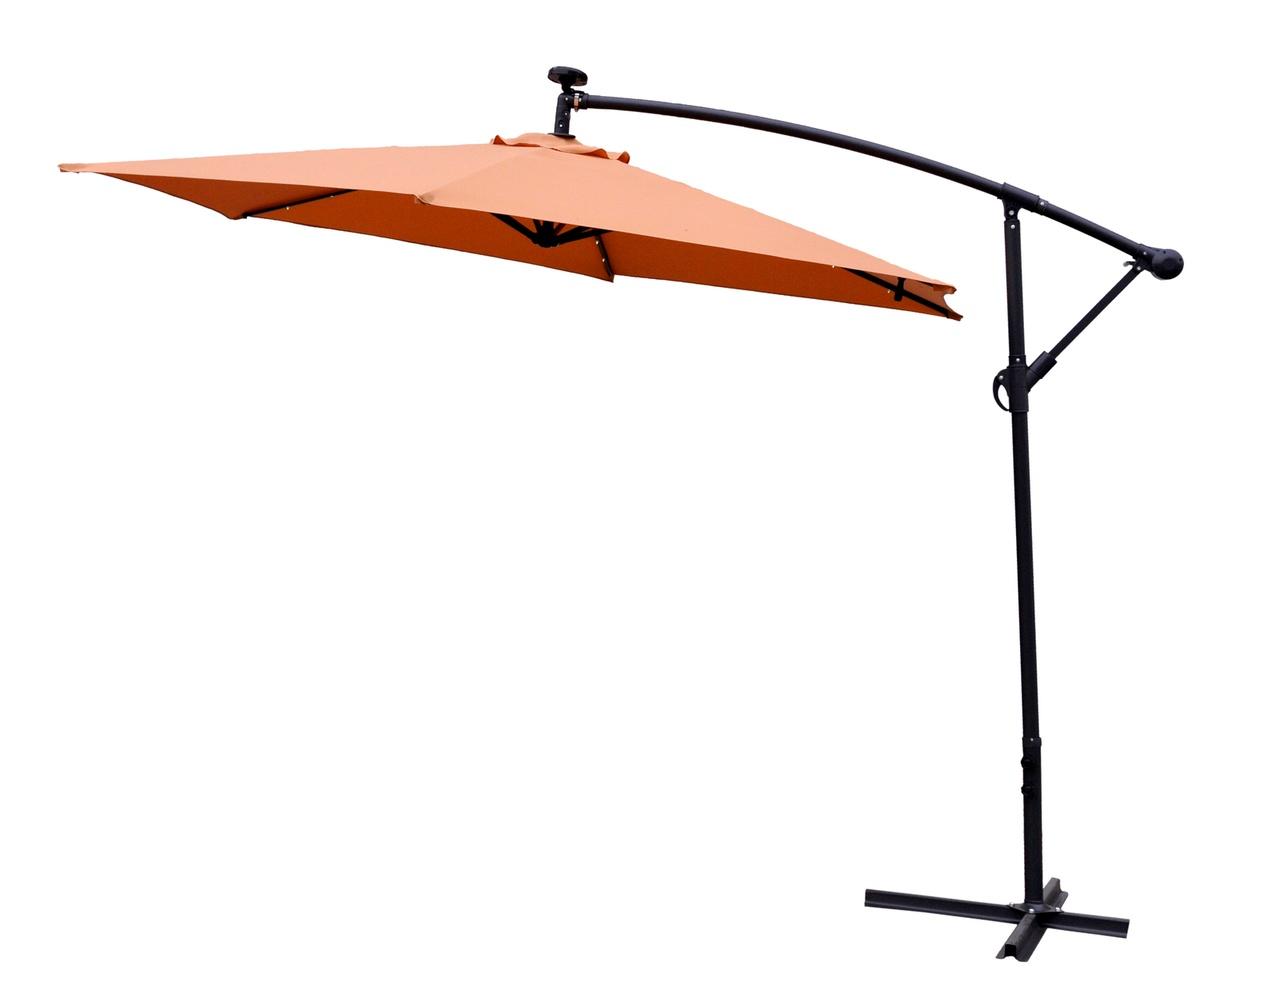 Aga Záhradný slnečník konzolový EXCLUSIV LED 300 cm Orange